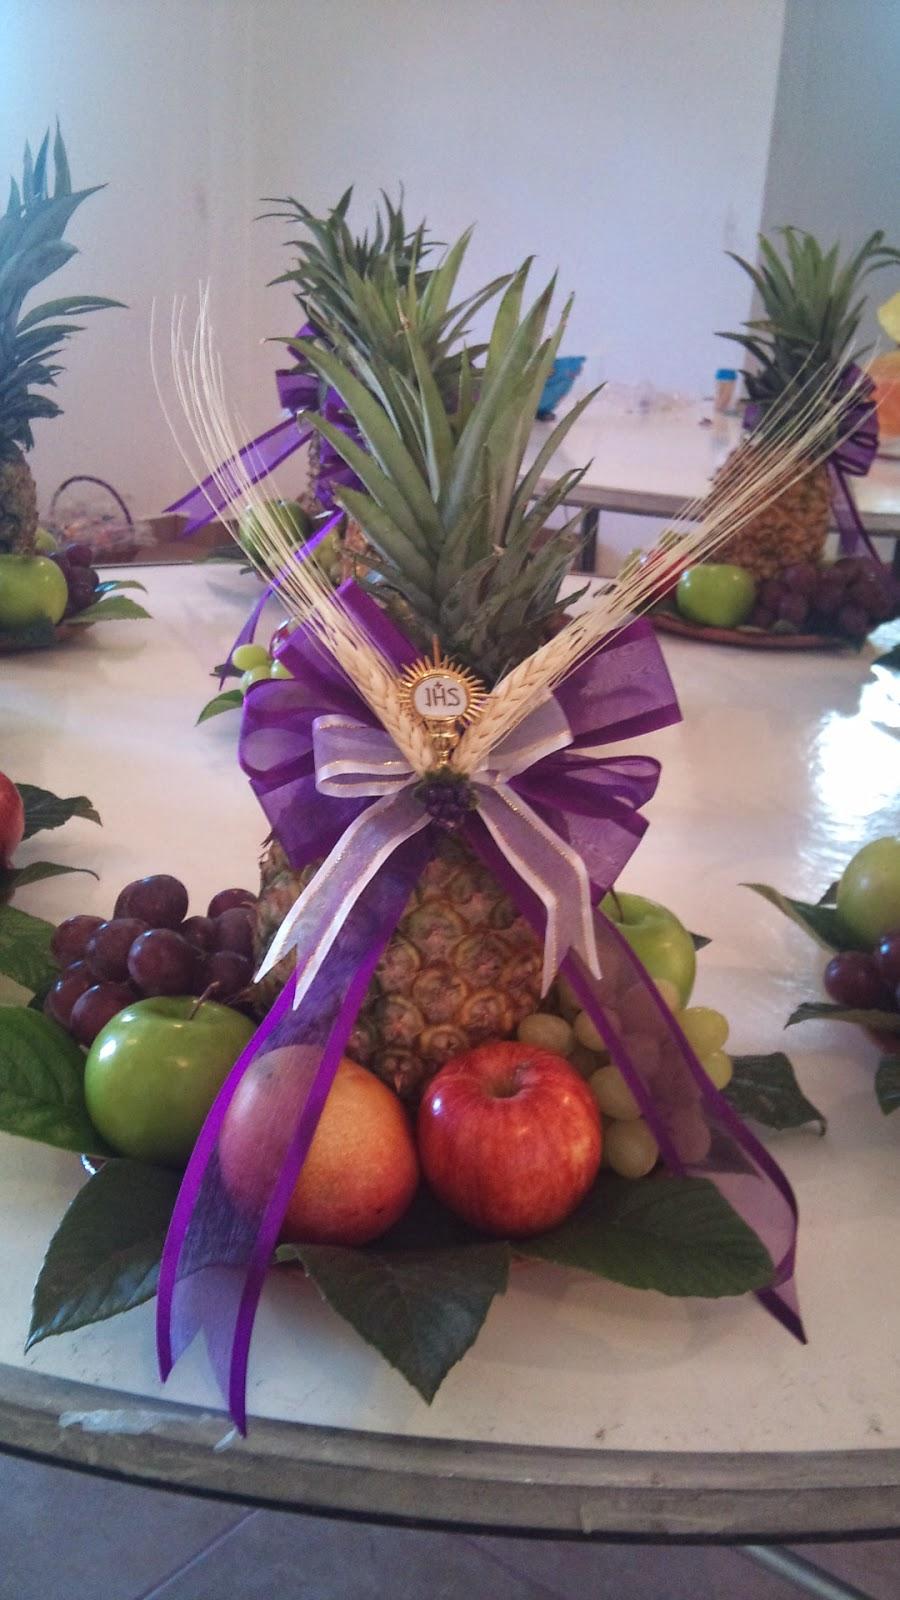 Pasticetas arreglos frutales para centro de mesa - Adornos de frutas para mesas ...